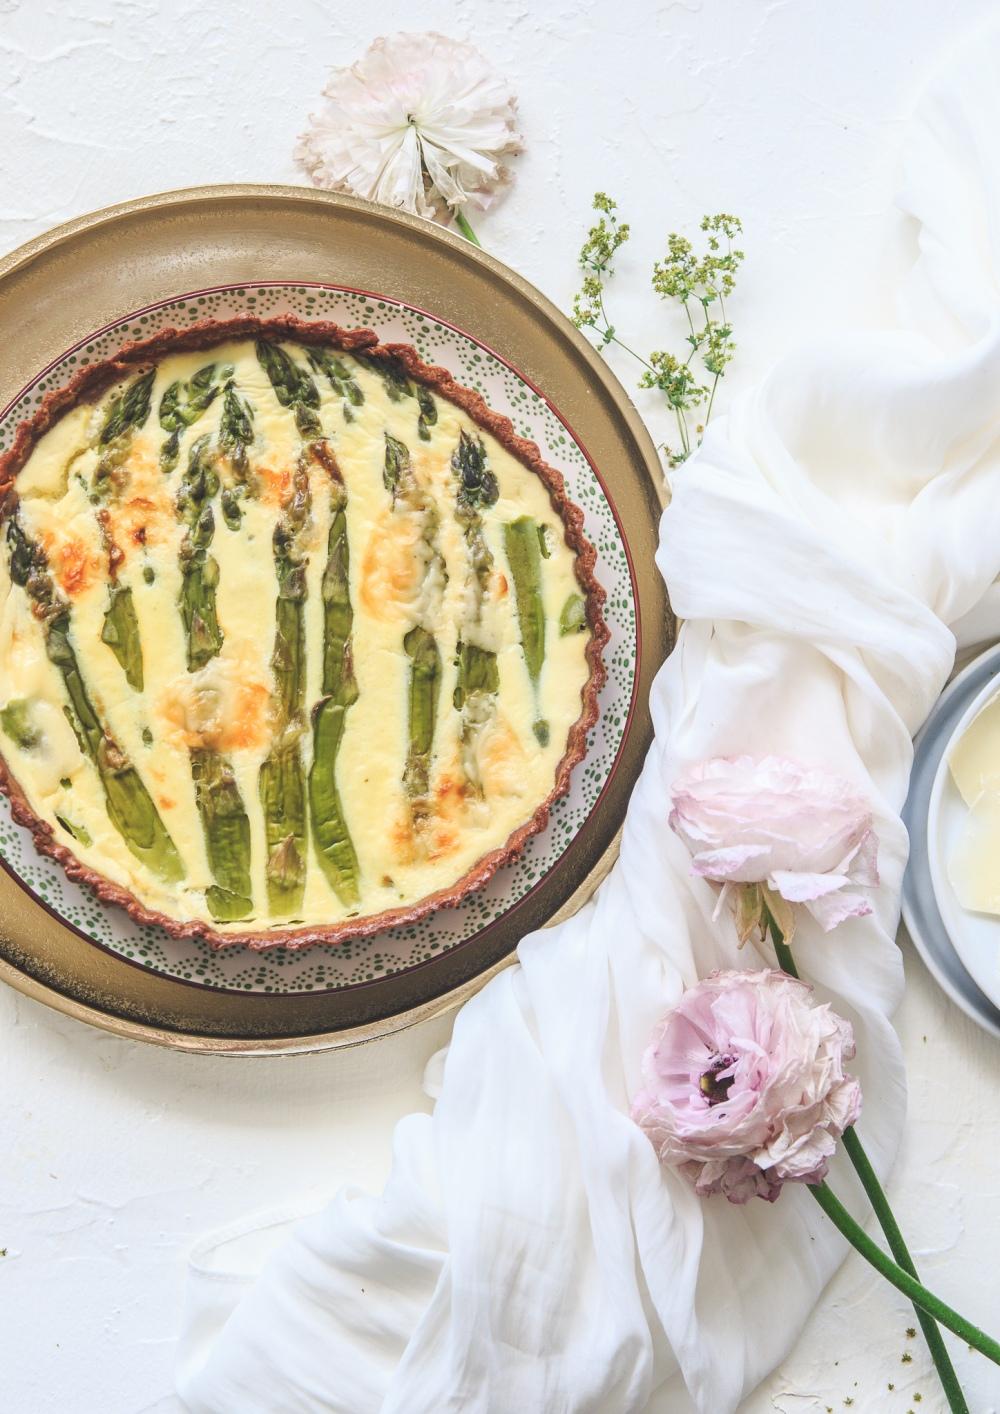 Celozrnný chřestový koláč s parmezánem v těstě i náplni